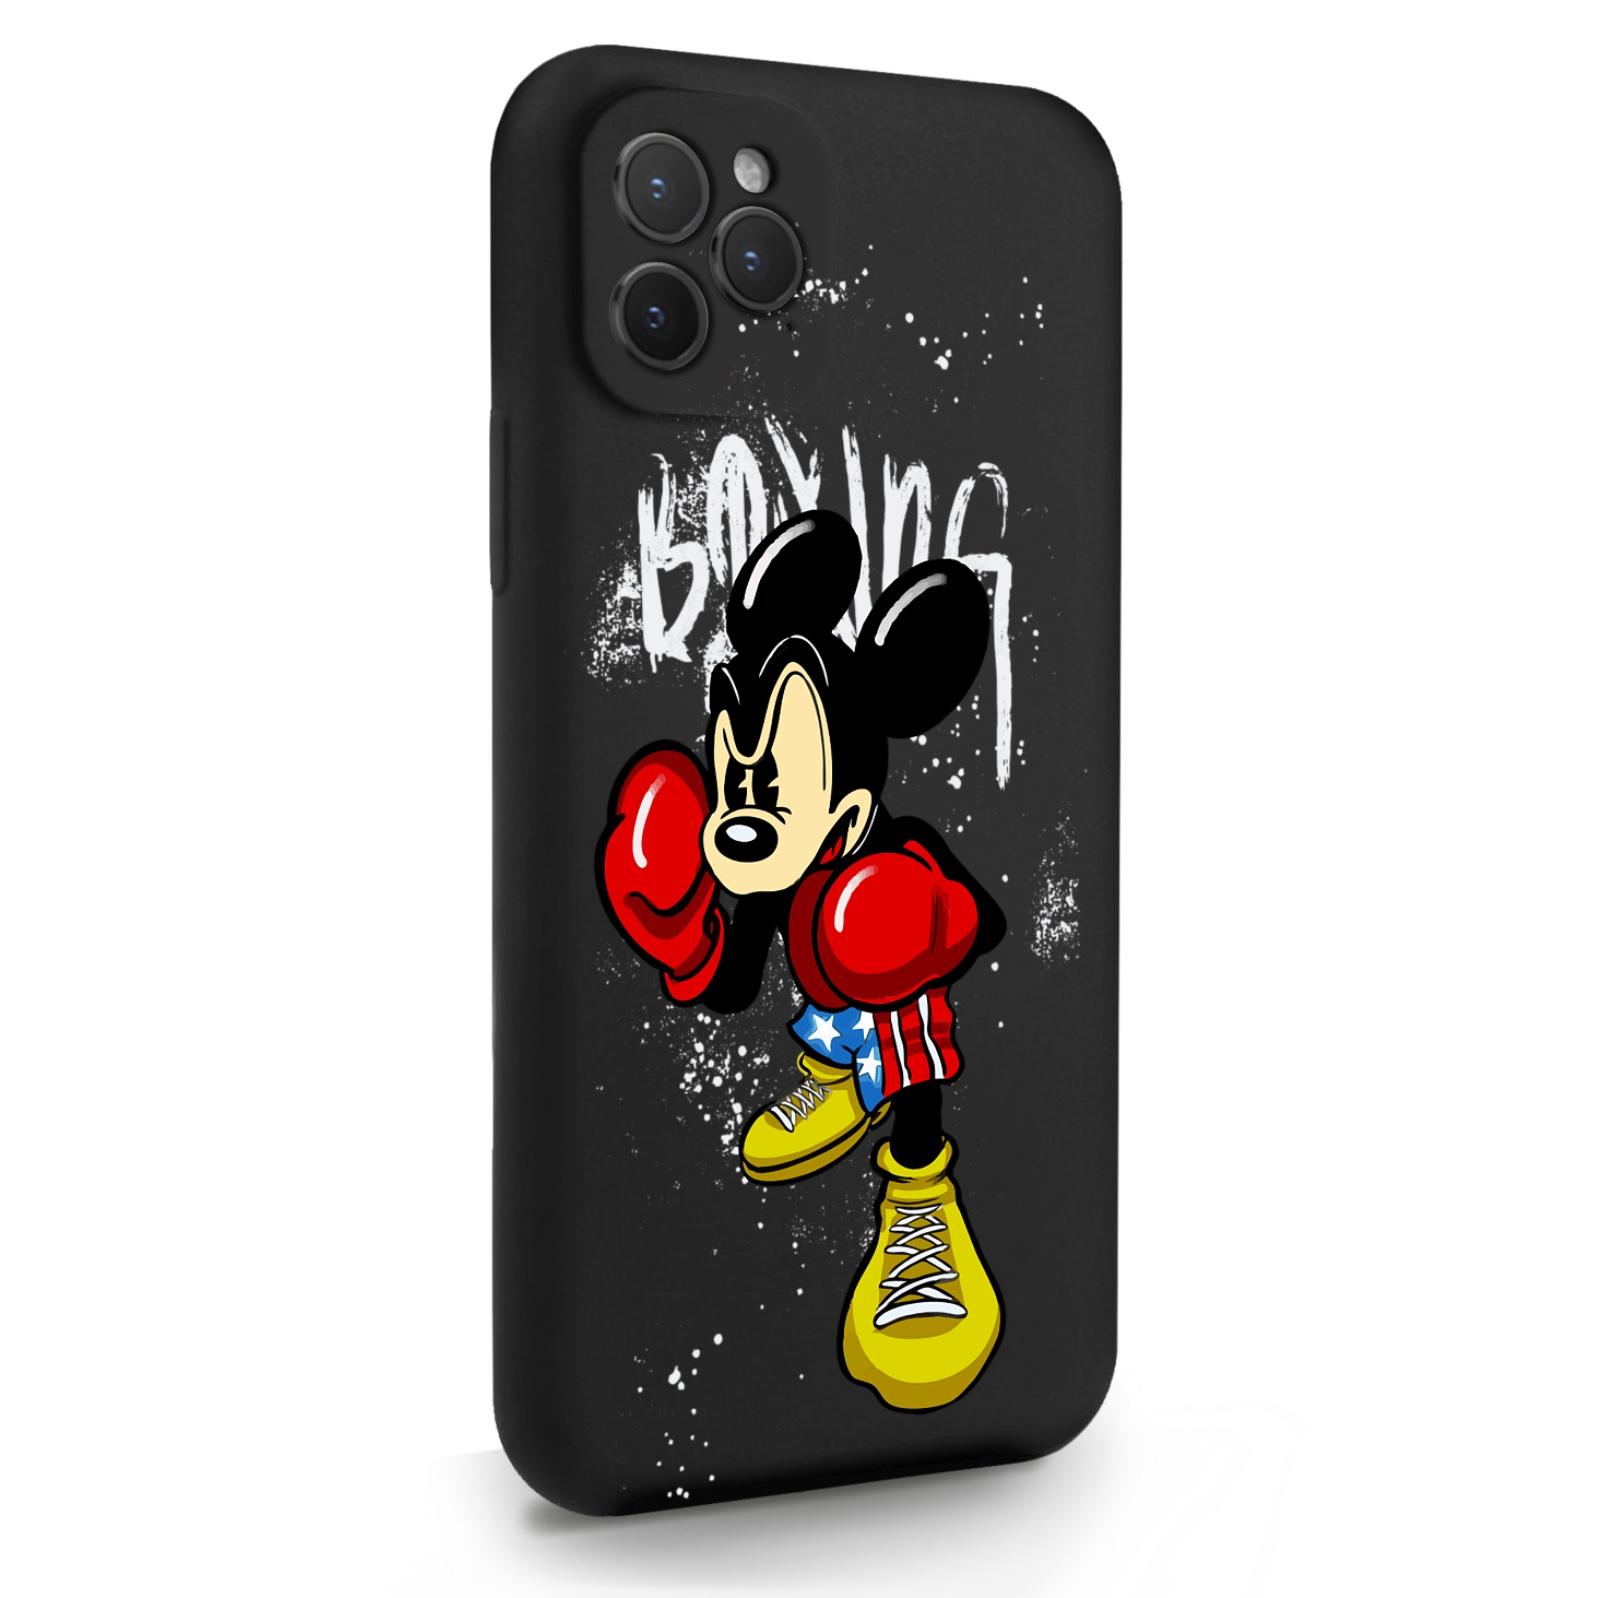 Черный силиконовый чехол для iPhone 11 Pro Мышонок Боксер для Айфон 11 Про